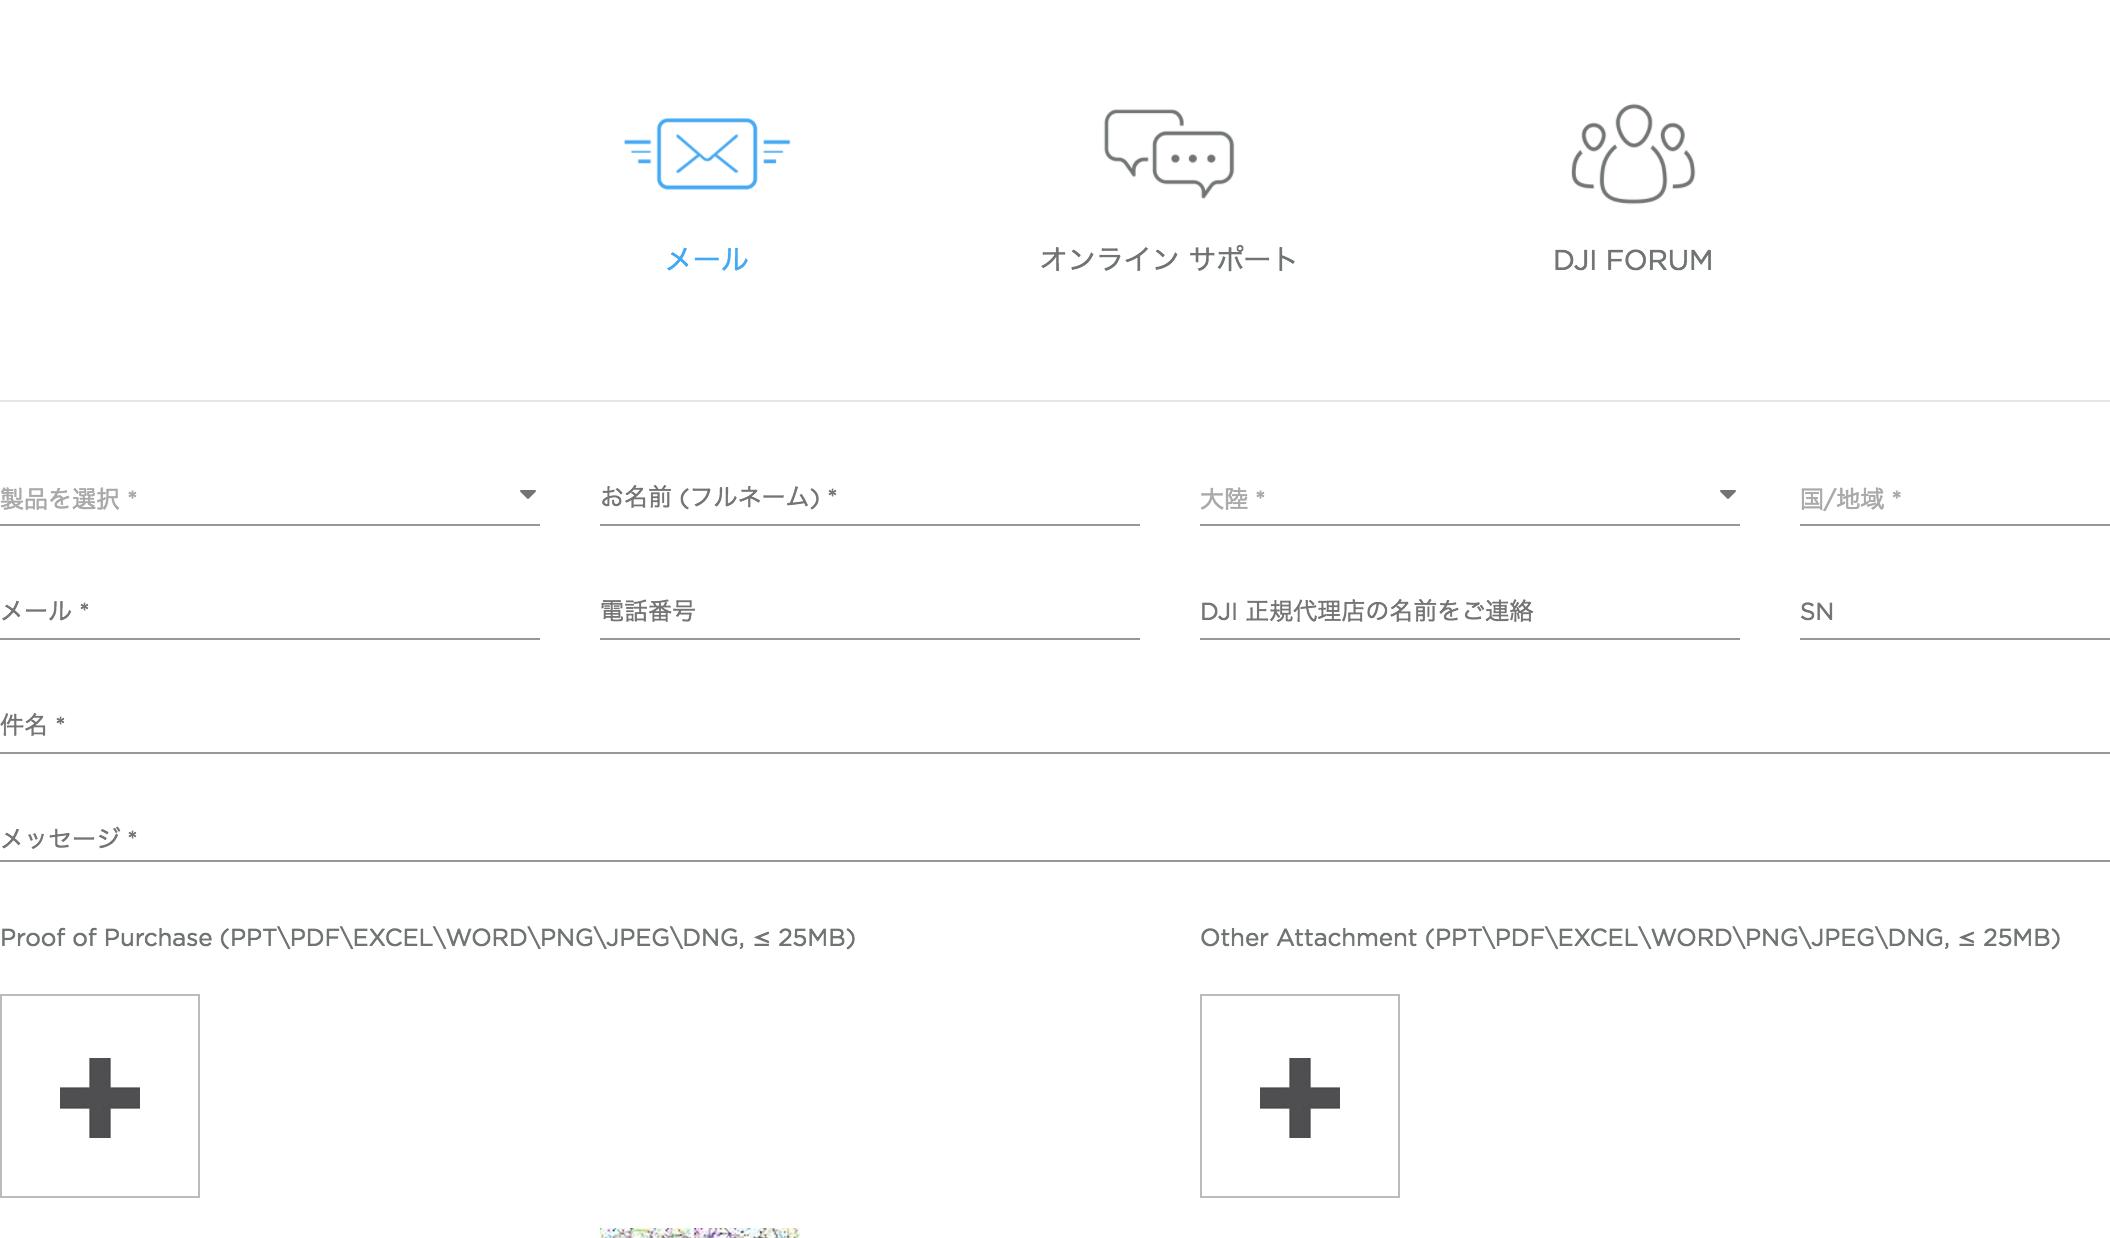 DJIのホームページに『サポート』ページがありますので、そこから普通に問い合わせをしてみました。